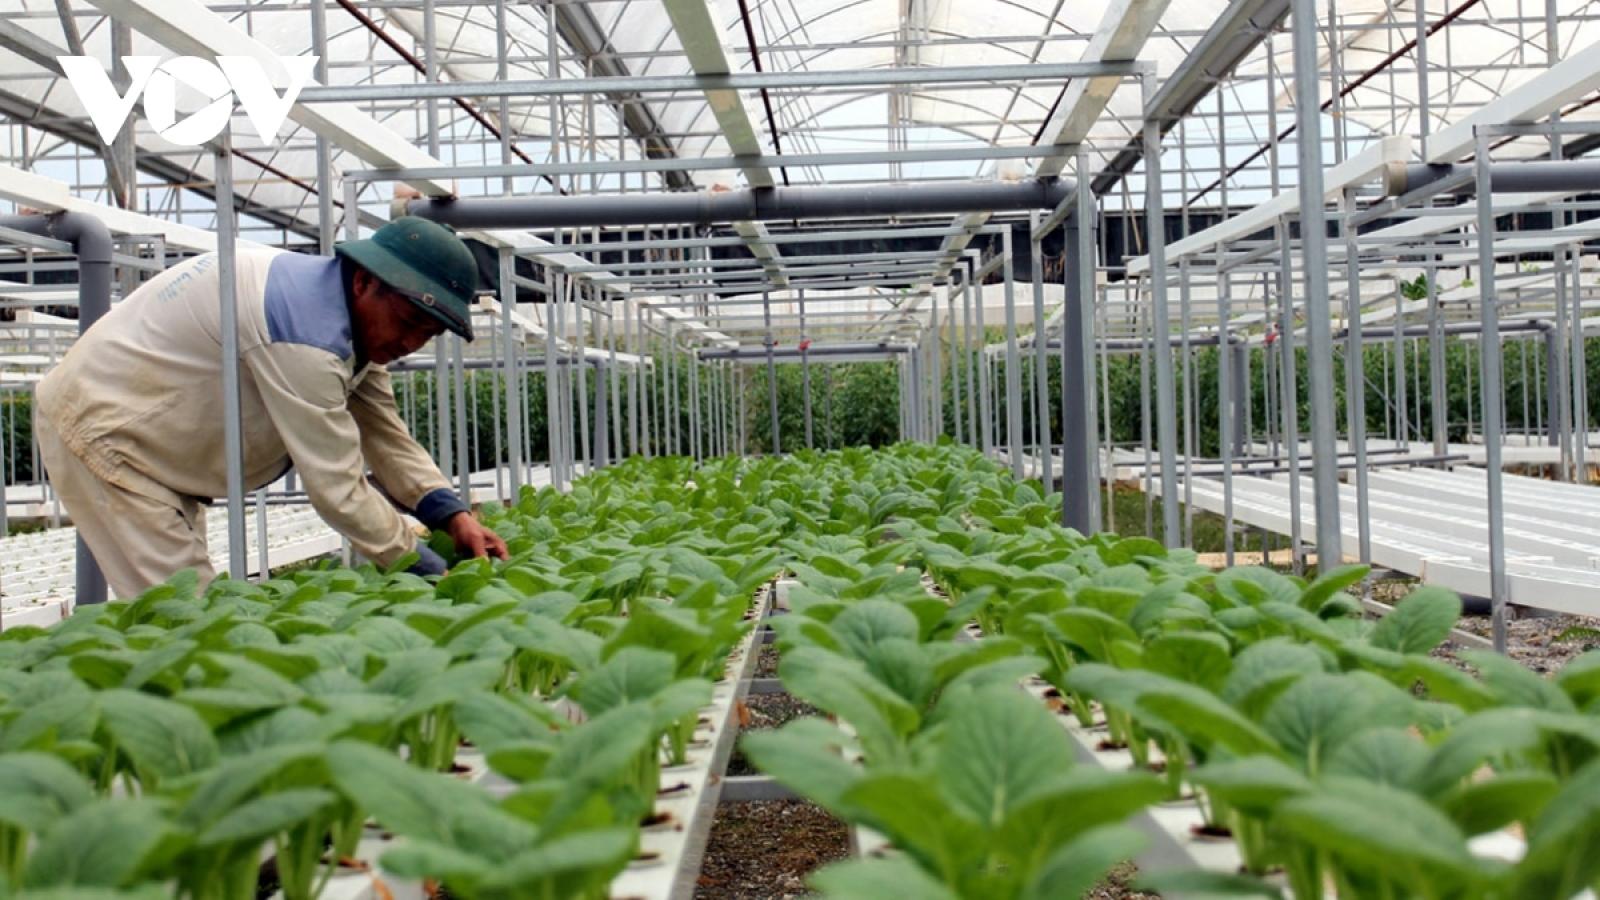 Sản xuất, tiêu thụ nông sản đảm bảo trước dịch Covid-19